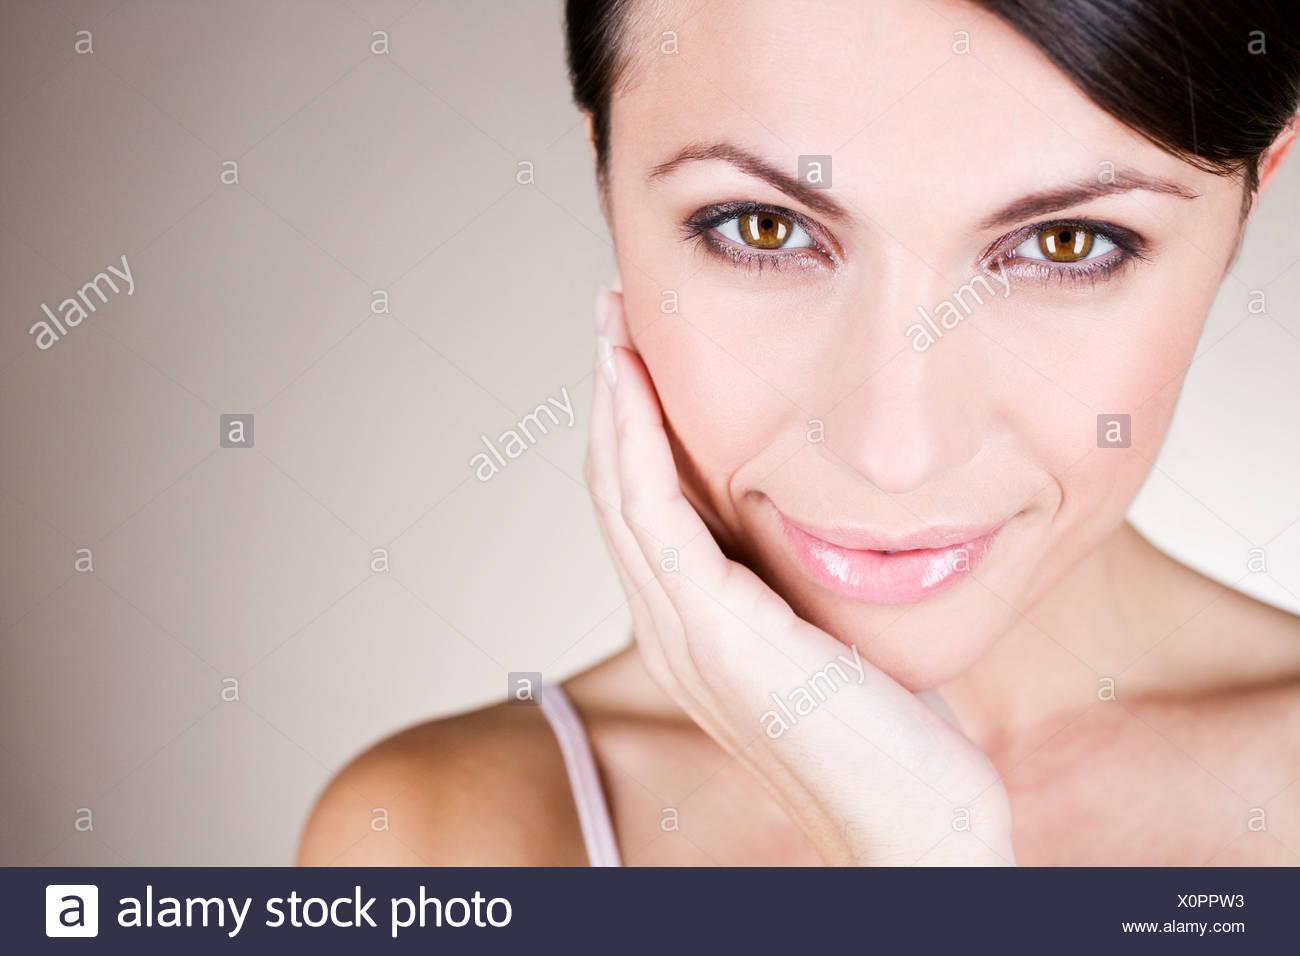 Porträt einer jungen Frau, ihr Gesicht zu berühren Stockbild